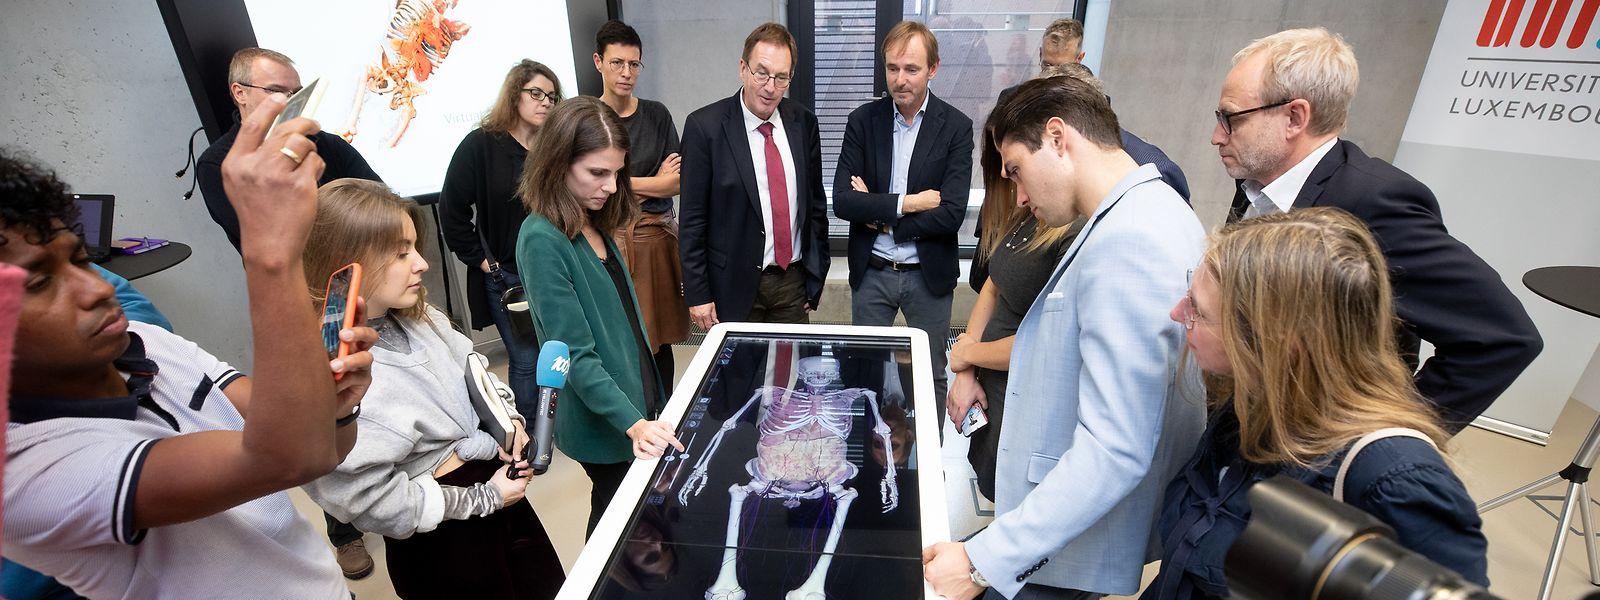 Pour l'année académique 2019-2020, 64 étudiants sont inscrits à l'uni dans les trois années de formation de médecin généraliste